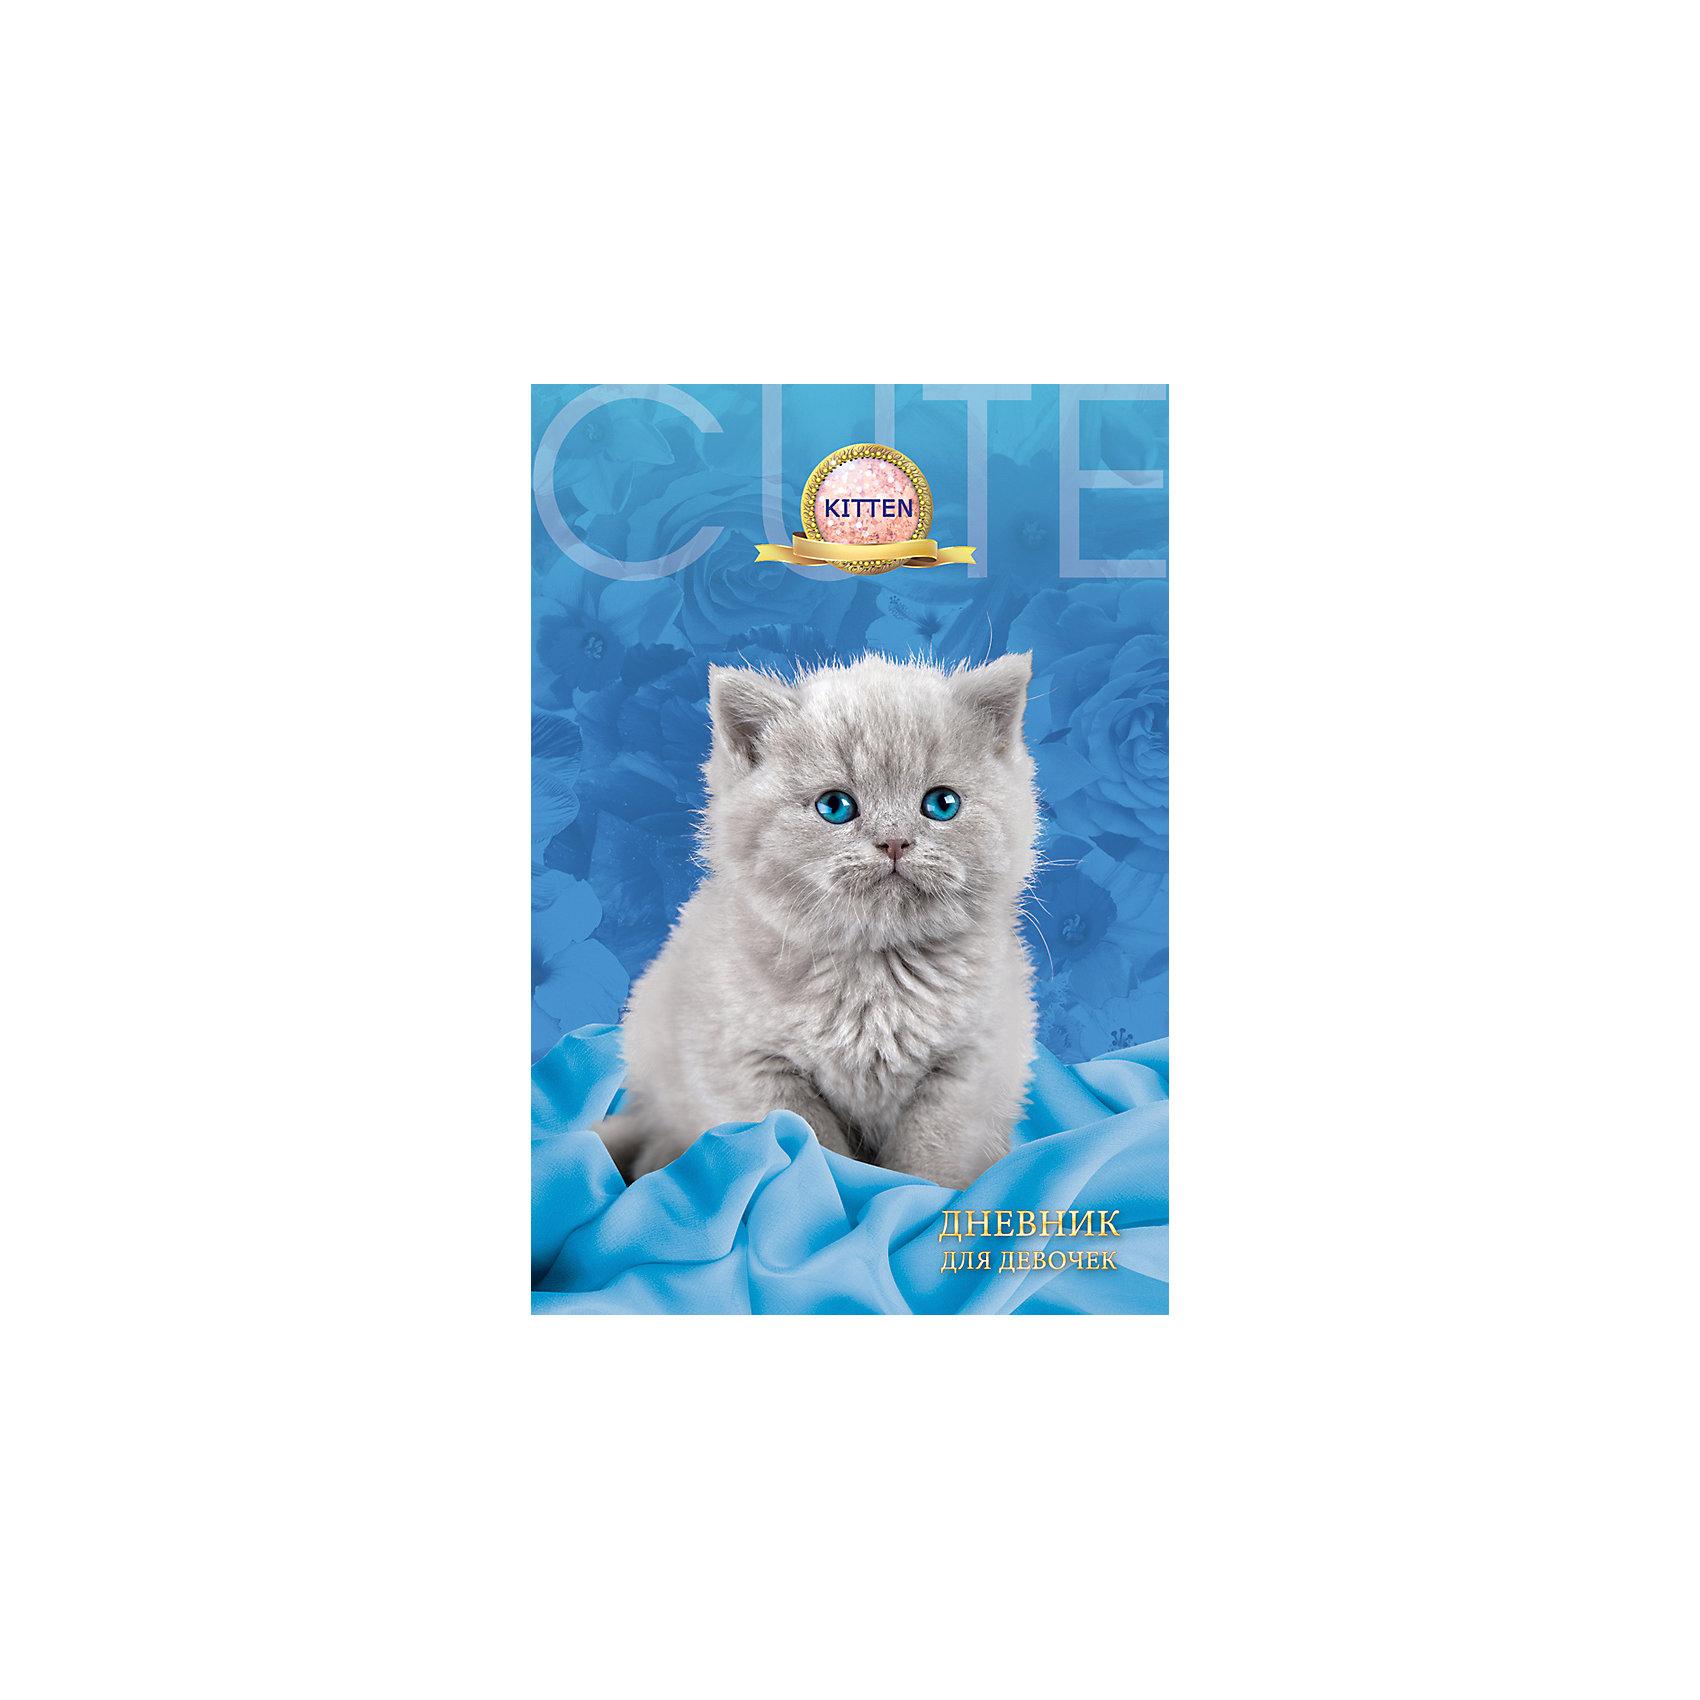 Дневник для девочек в твердом переплете формата А5, декорированном глиттером Серый котёнок. 80 листовБумажная продукция<br>Характеристики товара:<br><br>• возраст: от 6 лет;<br>• цвет: голубой,серый;<br>• формат: А5;<br>• количество листов: 80;<br>• разметка: в линейку;<br>• бумага: офсетная;<br>• переплет: твердый;<br>• обложка: картон;<br>• размер: 21,5х17х0,5 см.;<br>• вес: 200 гр.;<br>• страна бренда: Россия;<br>• страна изготовитель: Россия.<br><br>Дневник для девочек в твердом переплете формата А5, декорированном глиттером «Серый котенок» поможет  записать яркие воспоминания или события из жизни, о которых не хотелось бы забывать, и ему можно доверить самые сокровенные мысли и желания.  <br><br>Имеет сшитый внутренний блок, состоящий из 80 листов тонированной бумаги плотностью 70г/кв.м. Прочная и приятная на ощупь обложка выполнена с использованием итальянских переплетных материалов, а оригинальный дизайн с блестками и рисунком придется по душе вашему ребенку и станет приятным подарком.<br><br>В дневнике на разноцветных страницах представлены гороскопы и описание характерных черт, присущих различным знакам зодиака, и различные тематические странички.<br><br>Дневник для девочек в твердом переплете формата А5, декорированном глиттером «Серый котенок», 80 листов, можно купить в нашем интернет-магазине.<br><br>Ширина мм: 206<br>Глубина мм: 146<br>Высота мм: 11<br>Вес г: 200<br>Возраст от месяцев: 36<br>Возраст до месяцев: 216<br>Пол: Женский<br>Возраст: Детский<br>SKU: 6992557